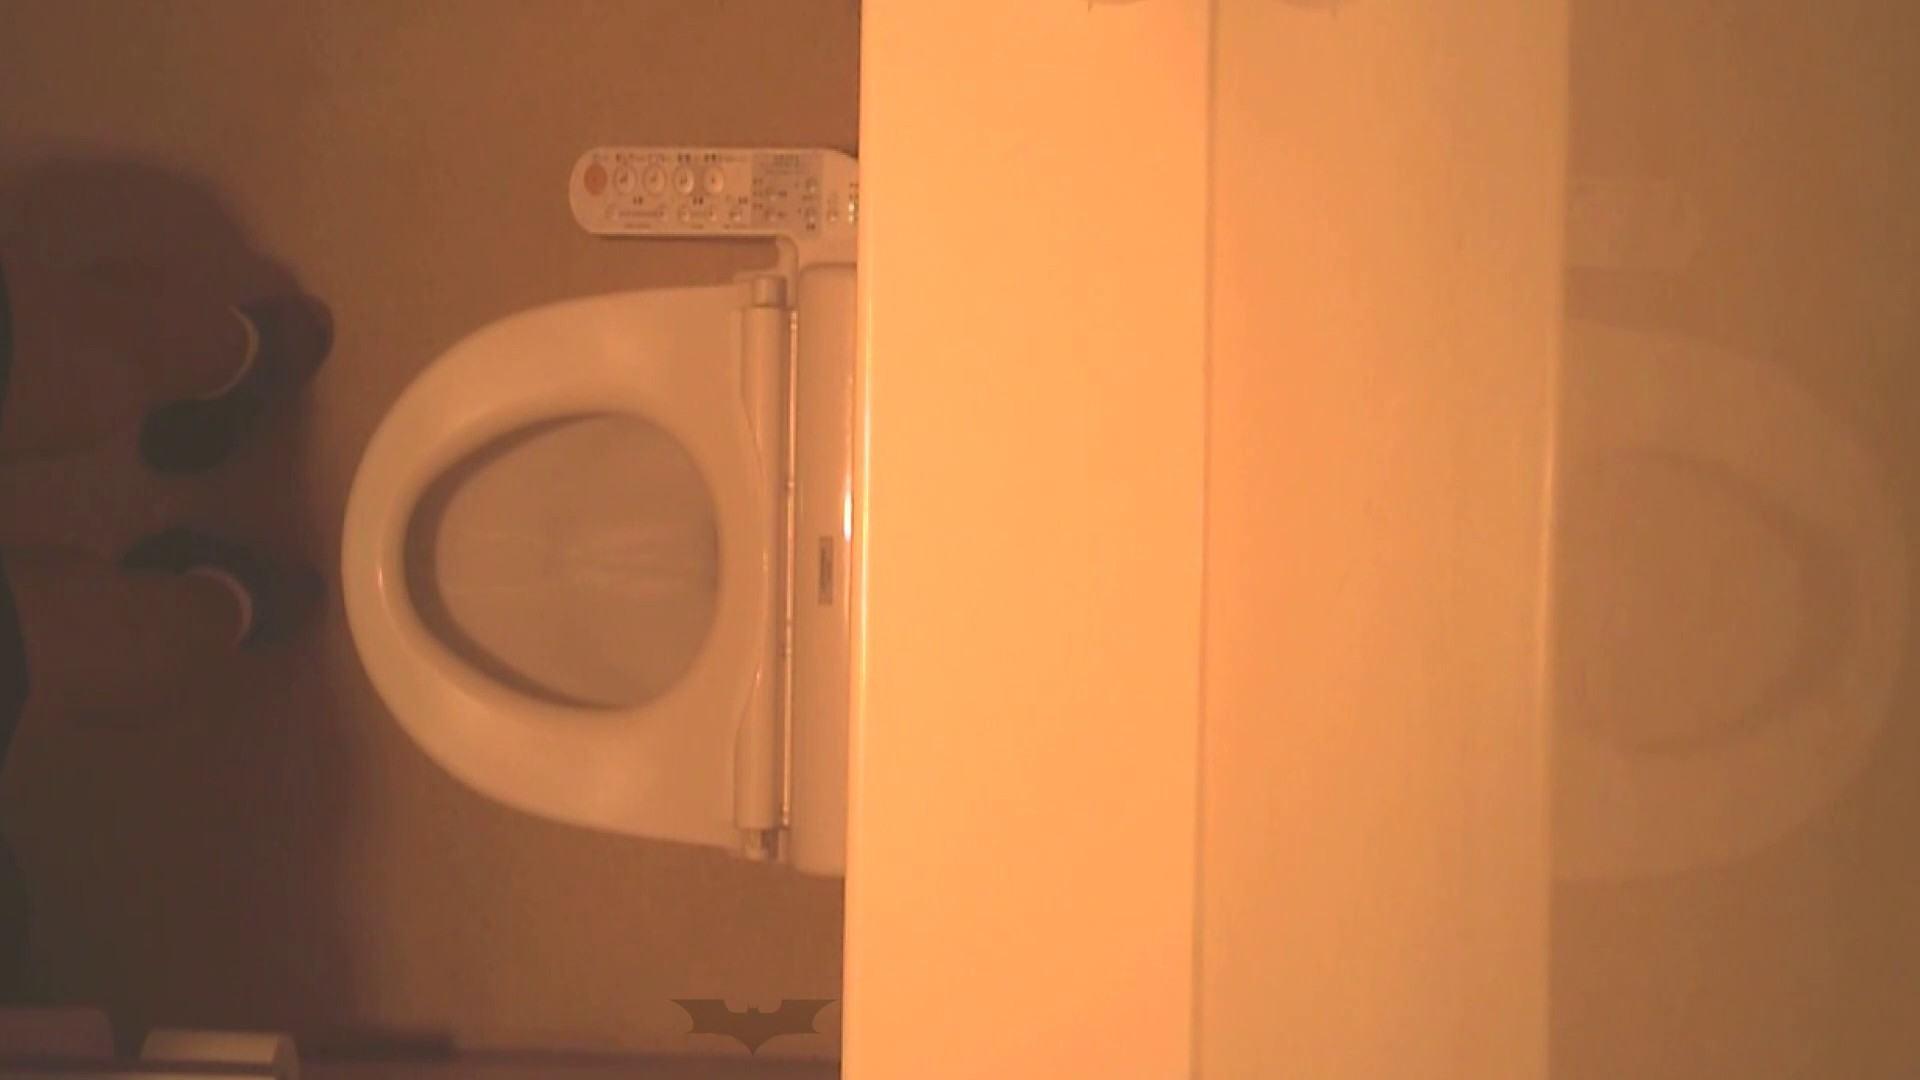 潜入!!全国女子洗面所盗撮 Vol.07 高画質 オメコ動画キャプチャ 110画像 100